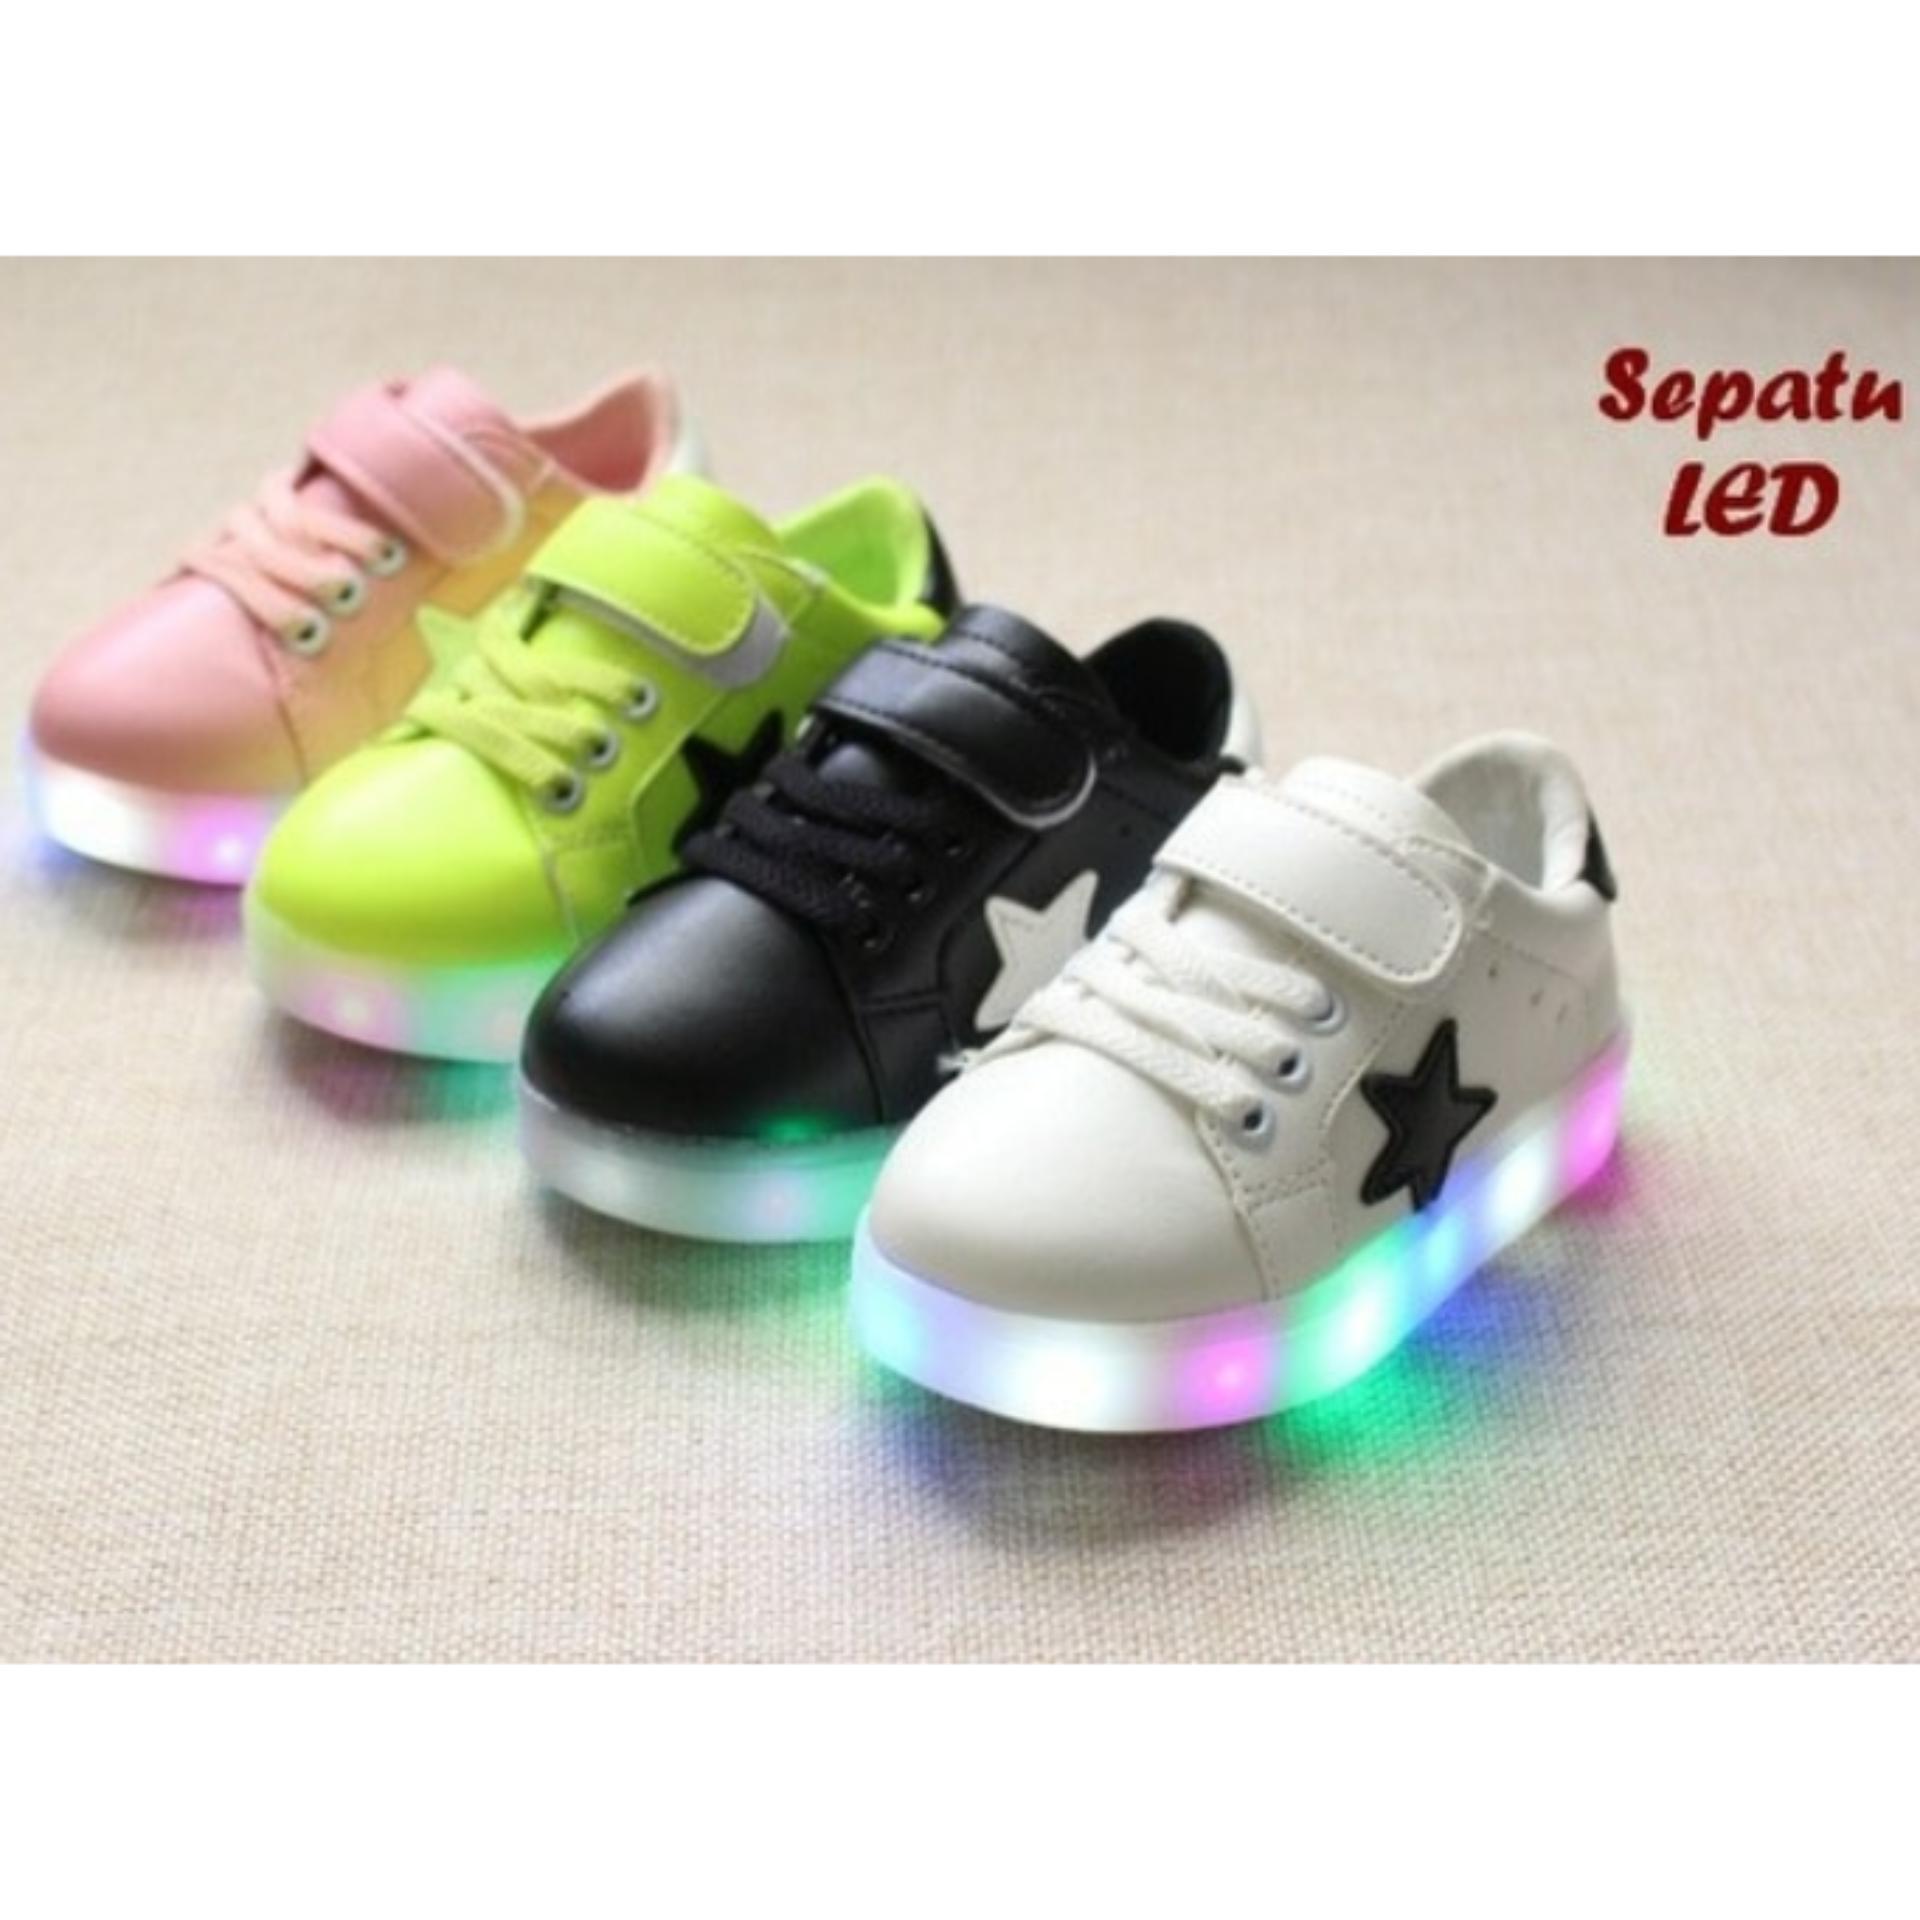 Toko Sepatu Anak Keren Dengan Lampu Led Warna Warni Terlengkap